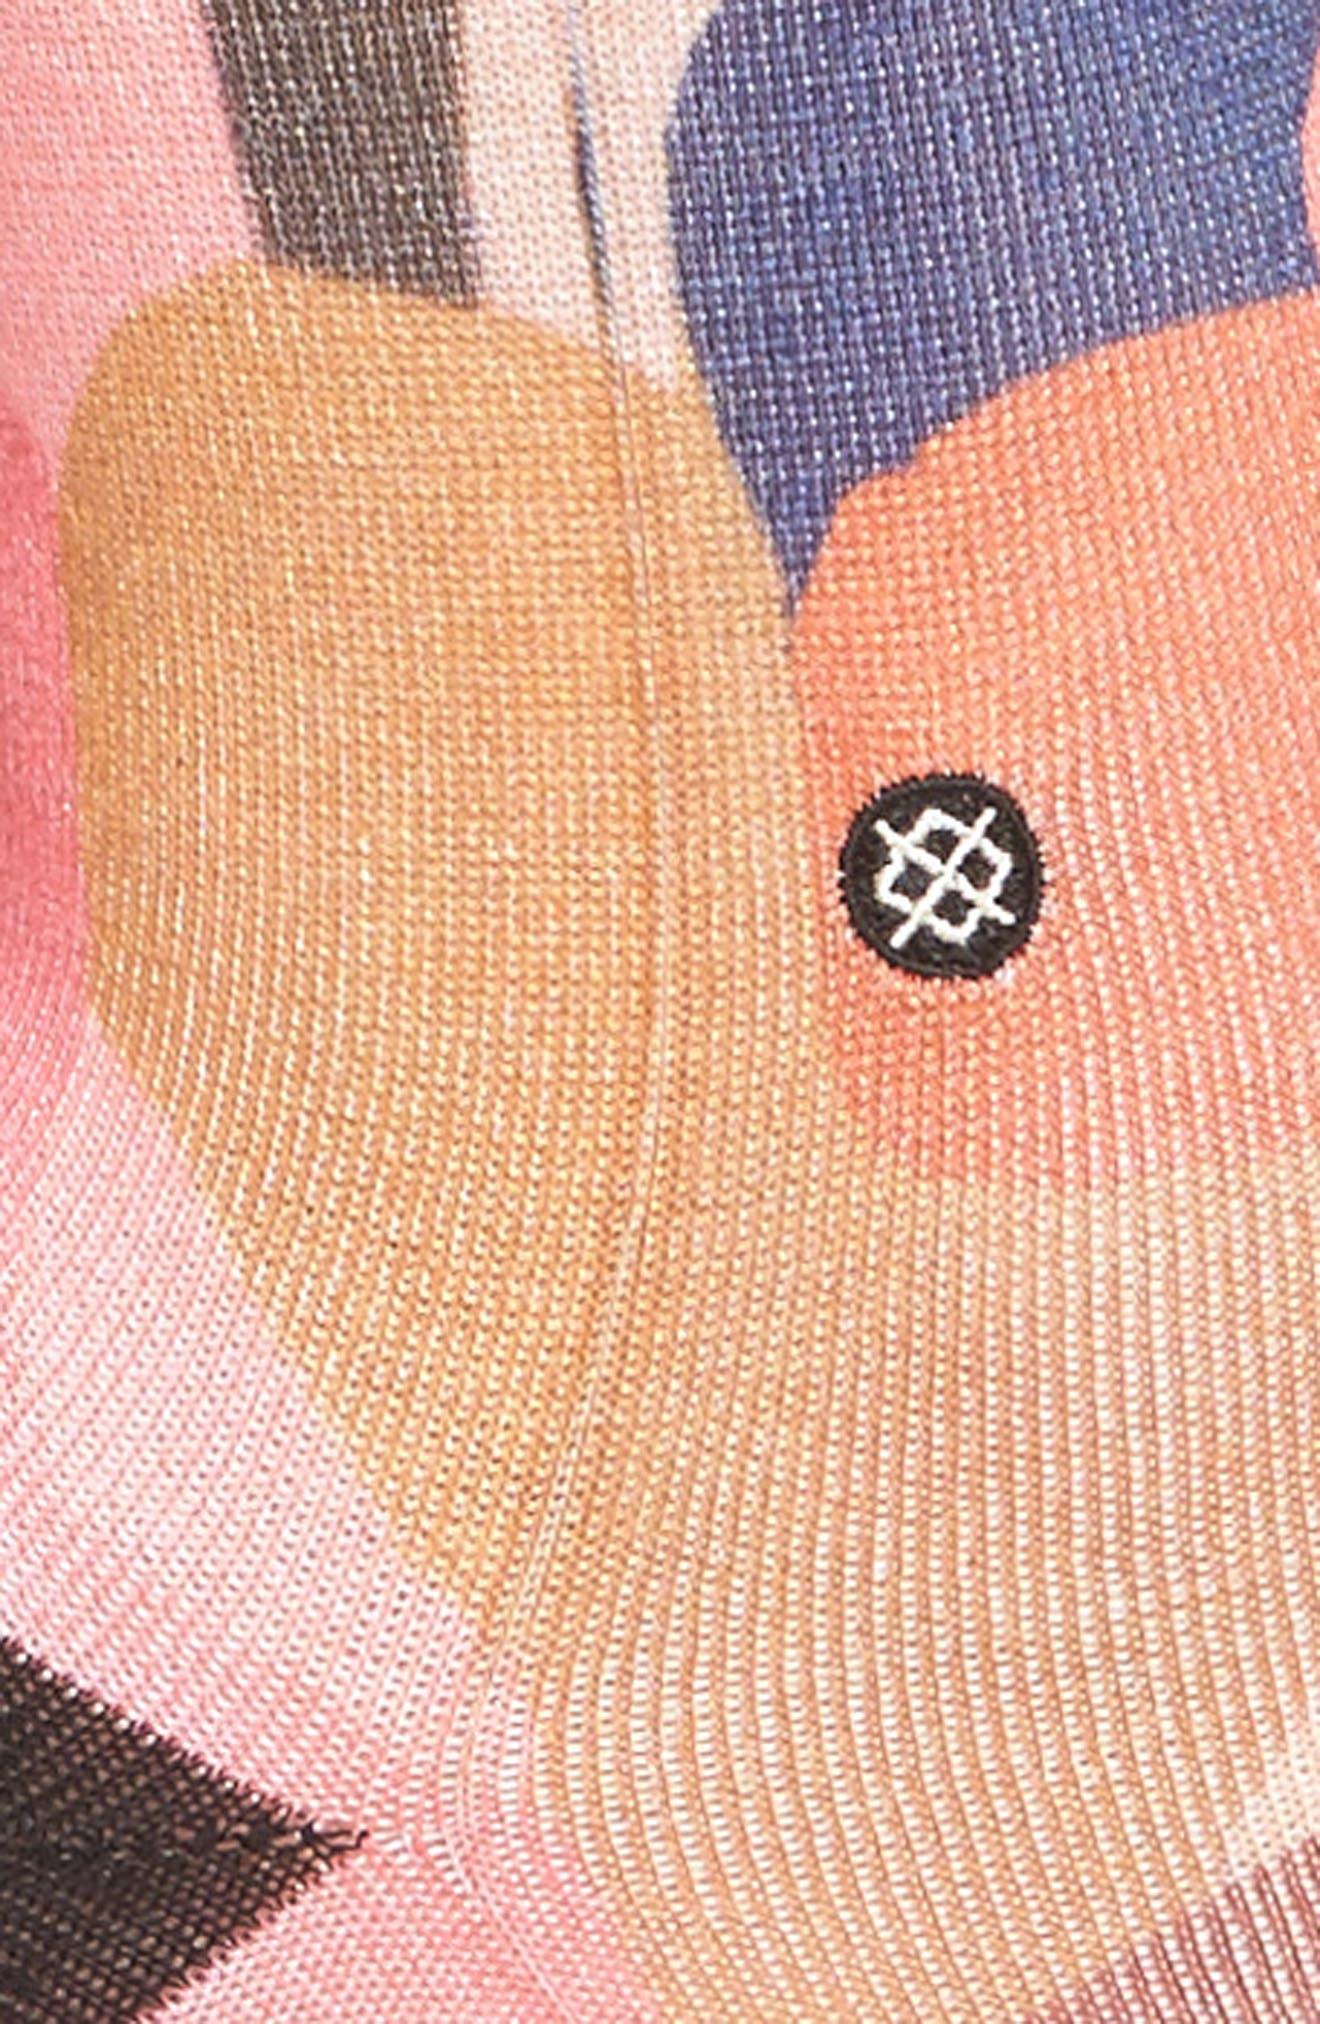 Stolen Kiss Crew Socks,                             Alternate thumbnail 3, color,                             600